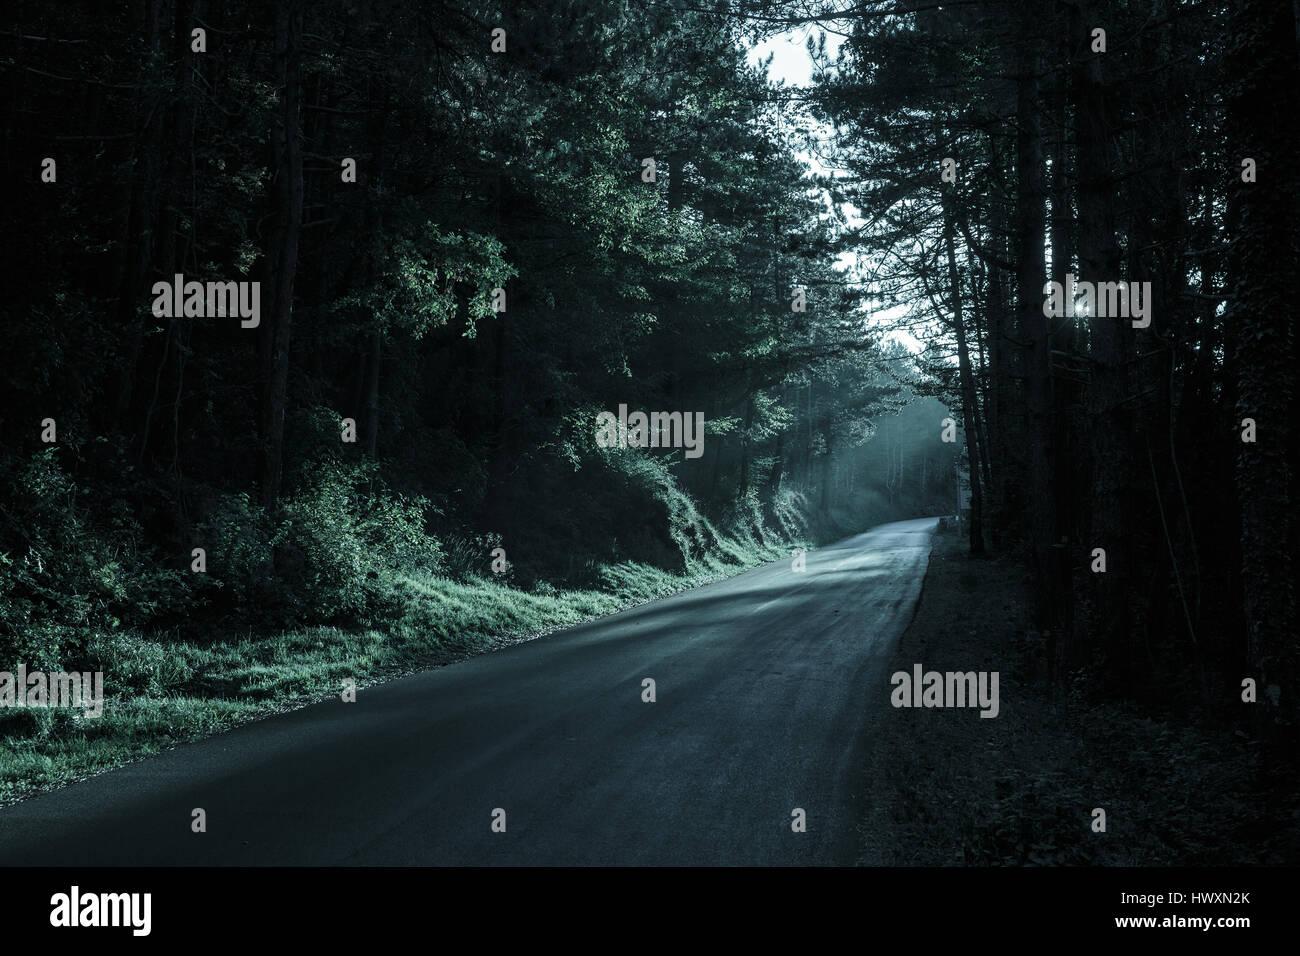 Spooky scura foresta con strada vuota nella luce sfuggente. Emotiva, sfondo gotico, inquietante scenario naturale Immagini Stock